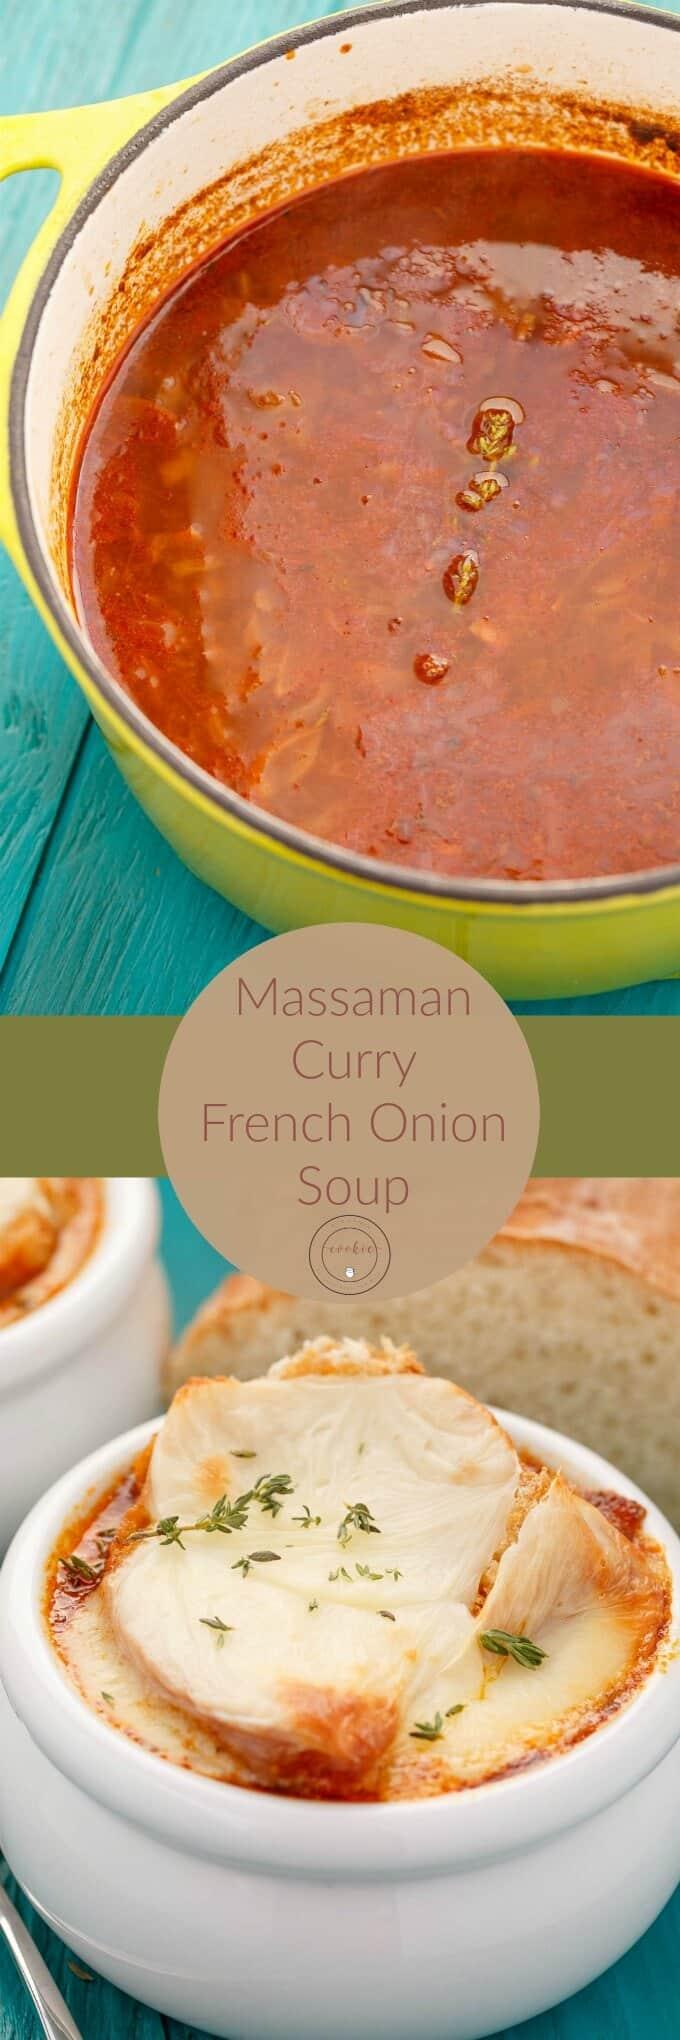 massaman-curry-french-onion-soup